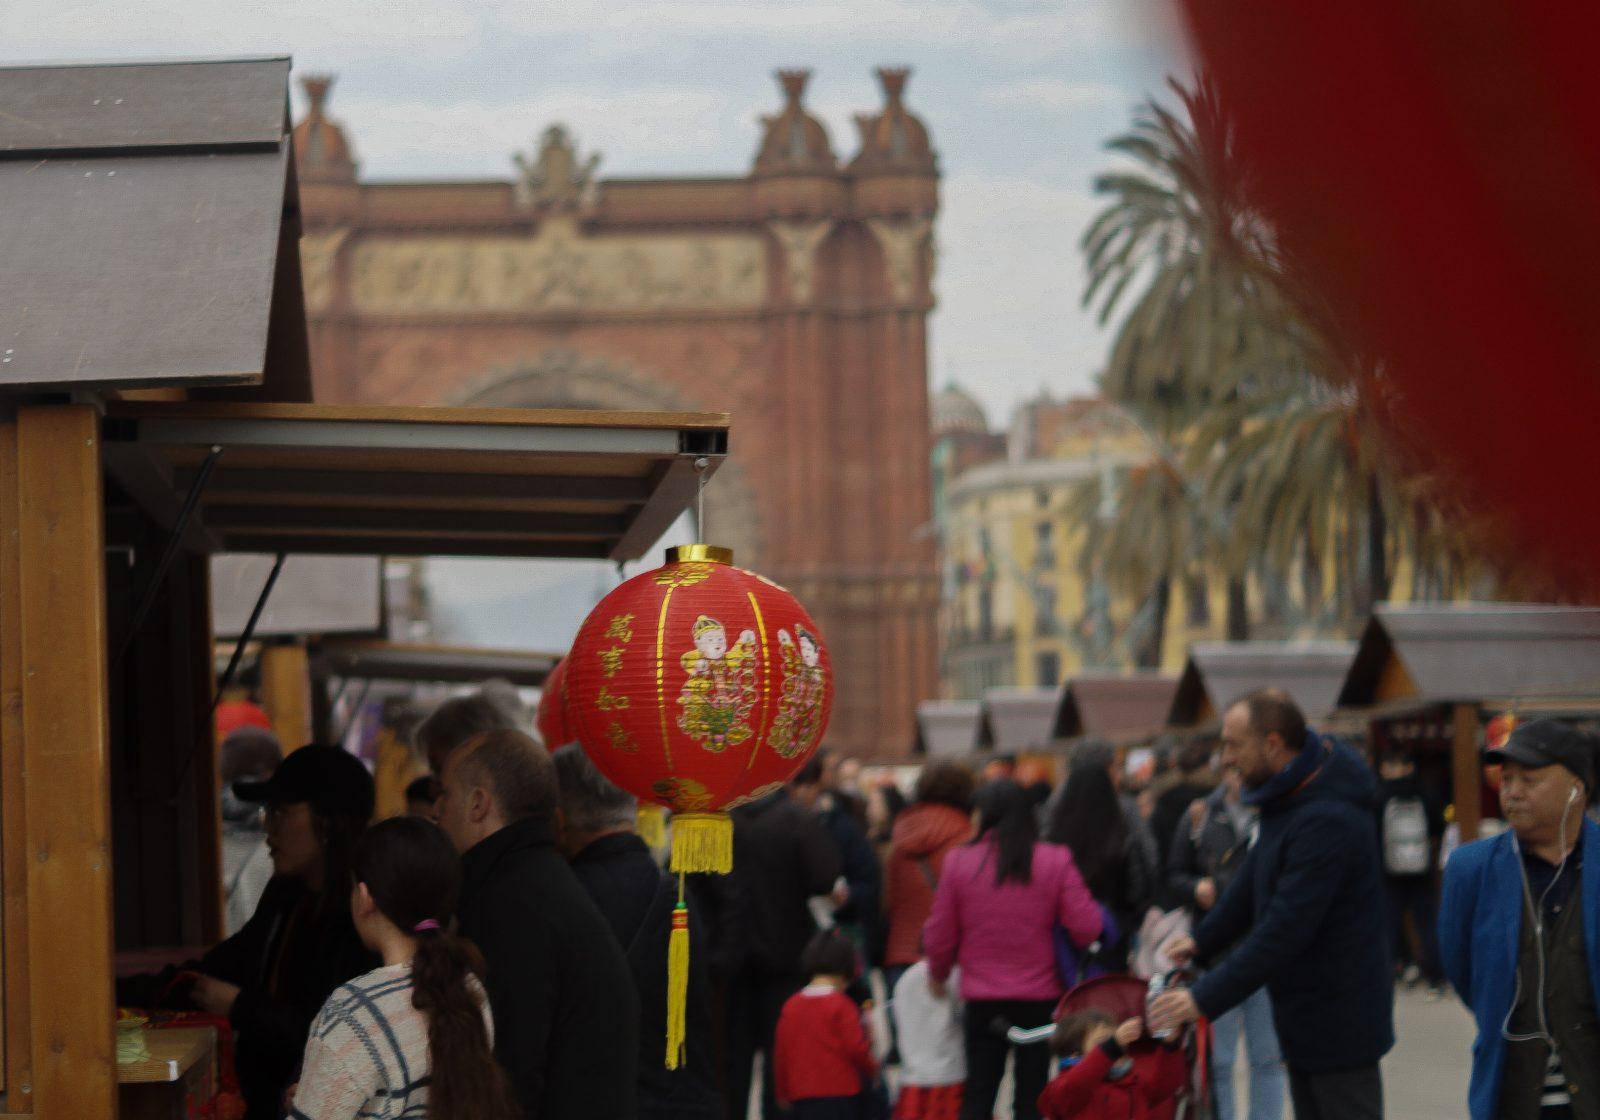 Les festivités pour l'année du chien, le nouvel an chinois devant l'Arc de triomphe.